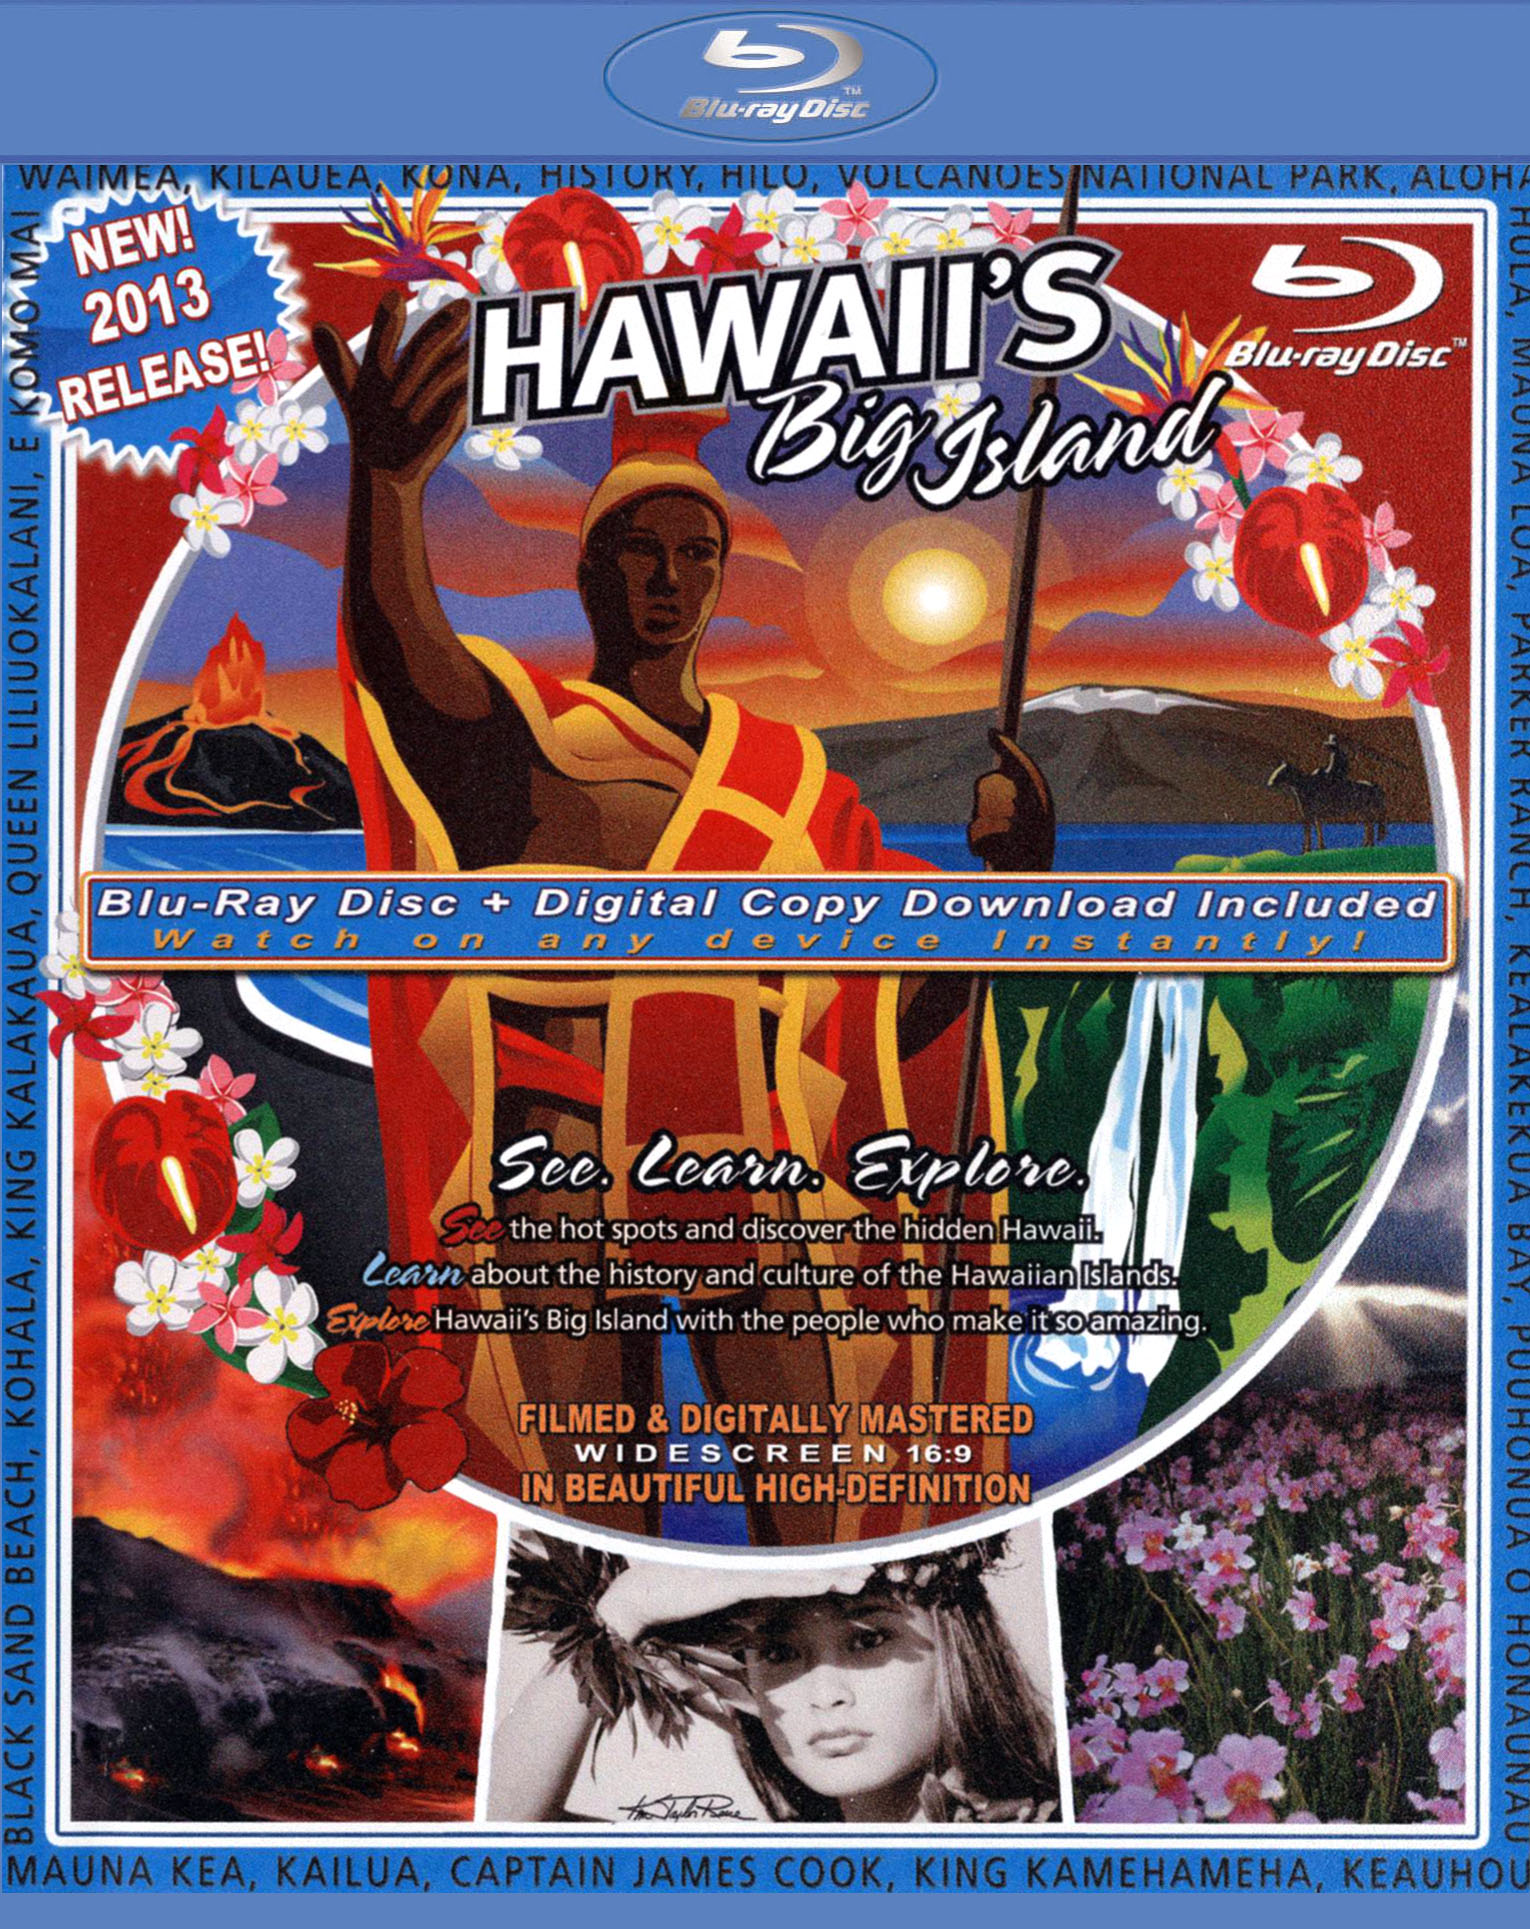 The Video Postcard of Hawaii's Big Island